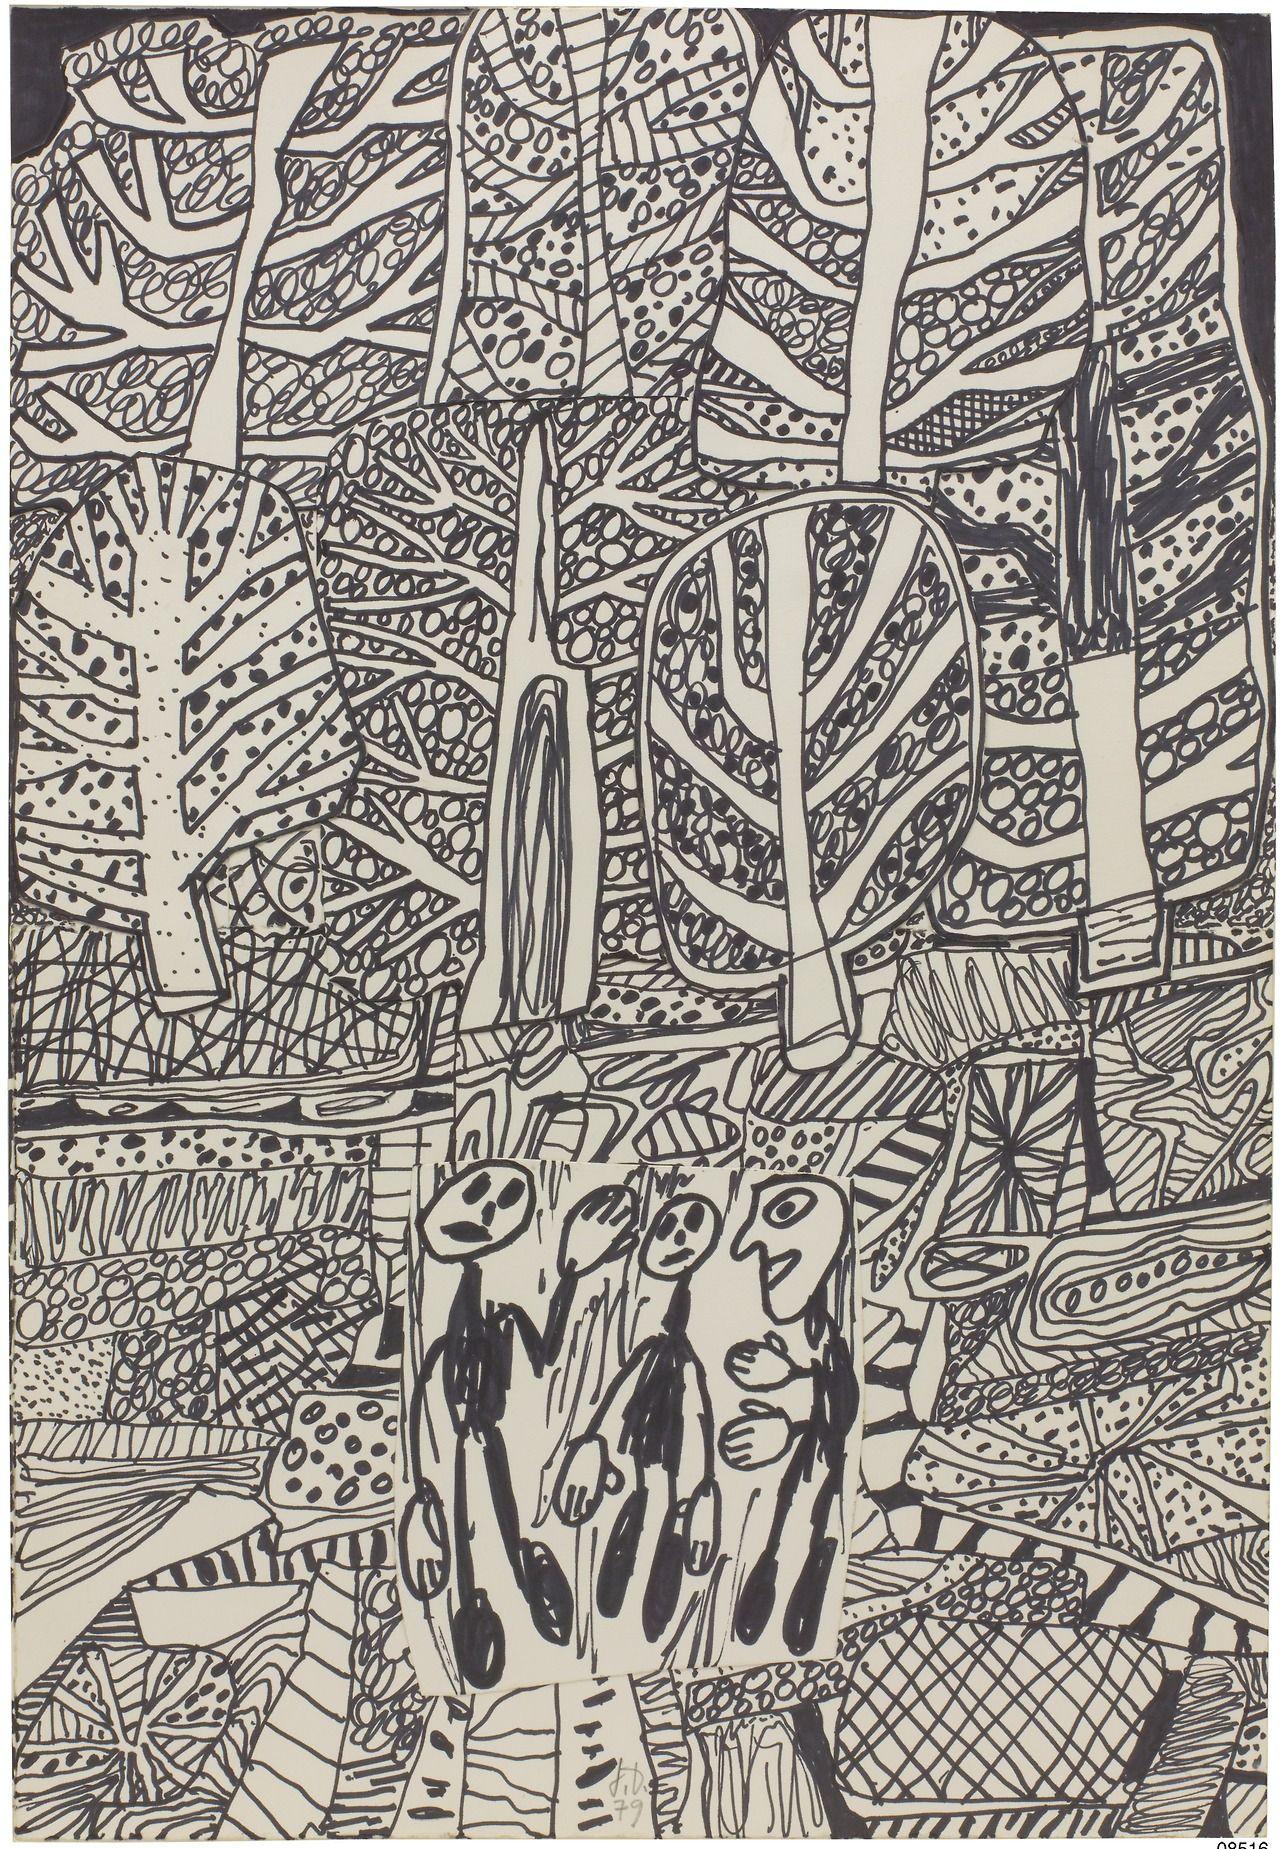 Jean Dubuffet Artwork